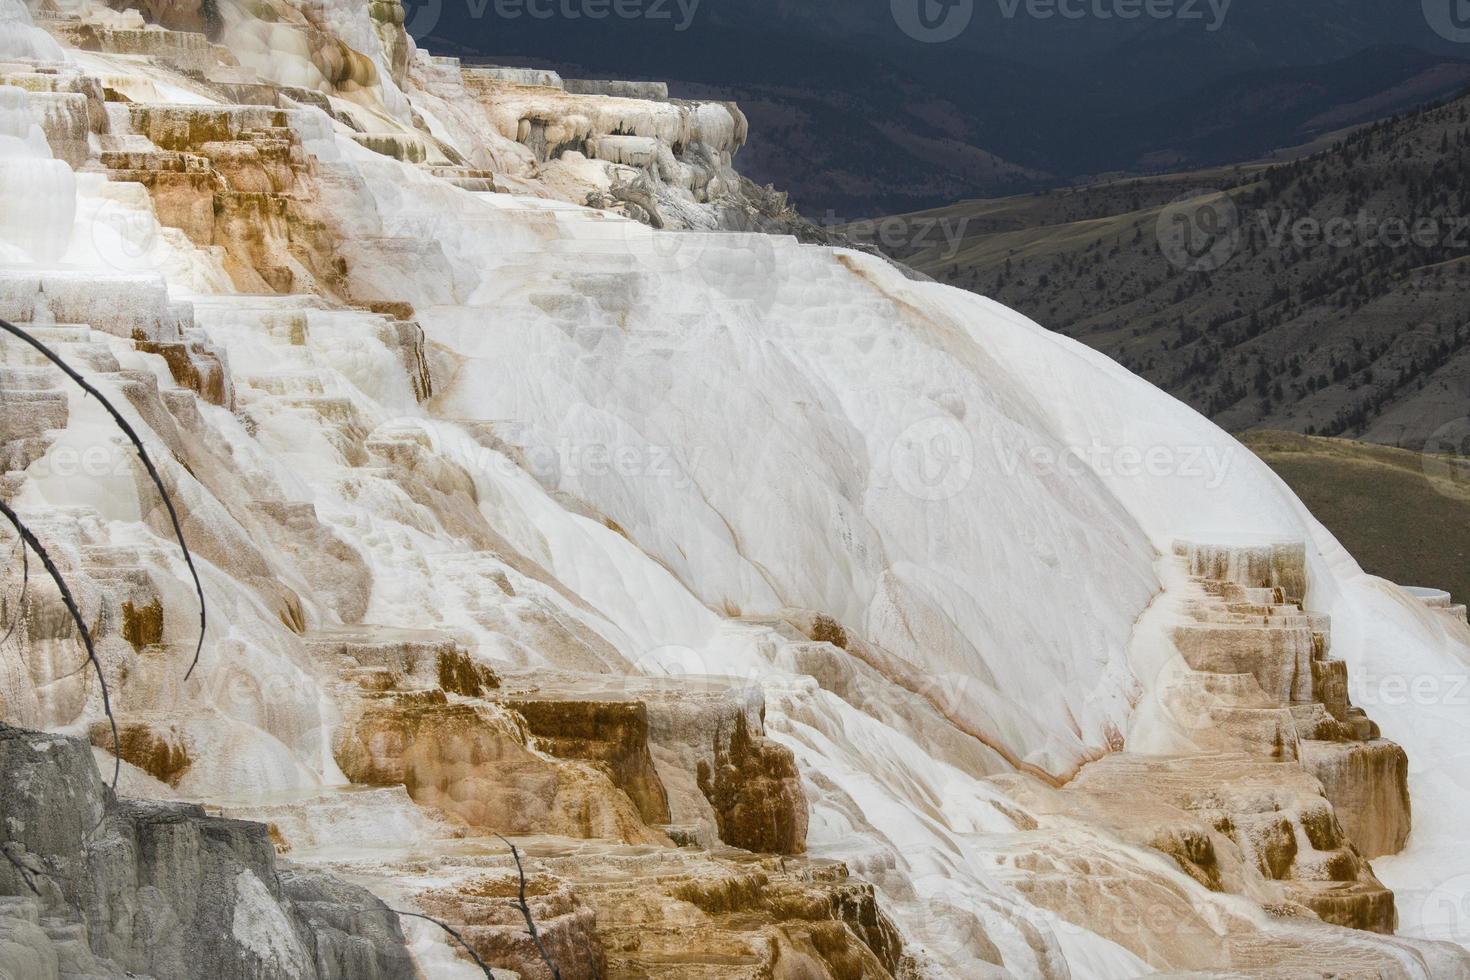 kaskadierendes Karbonatgestein mit Tal unten an der heißen Mammutquelle foto